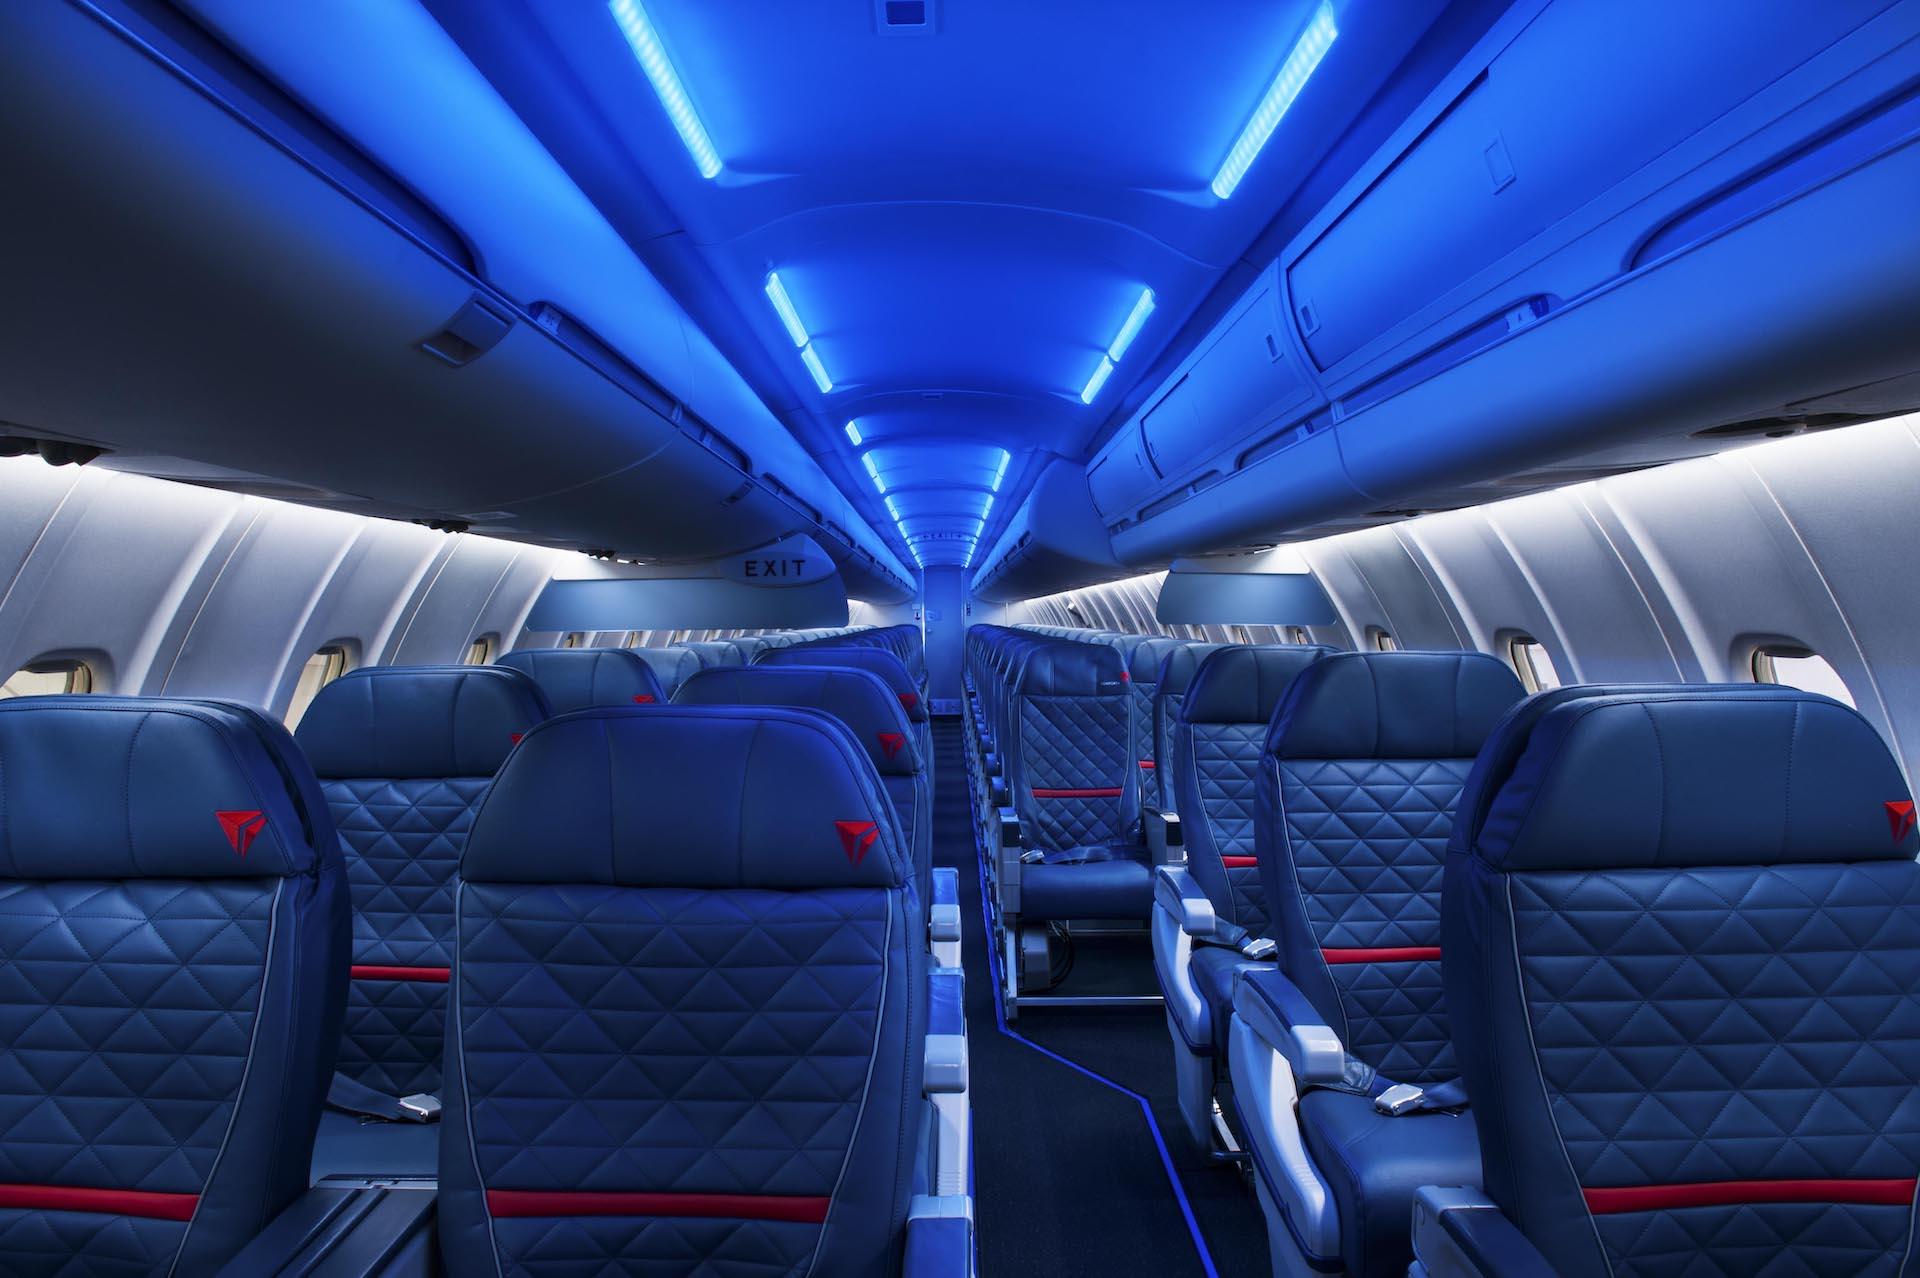 ¿Qué están haciendo las aerolíneas para que haya más distancia entre pasajeros?